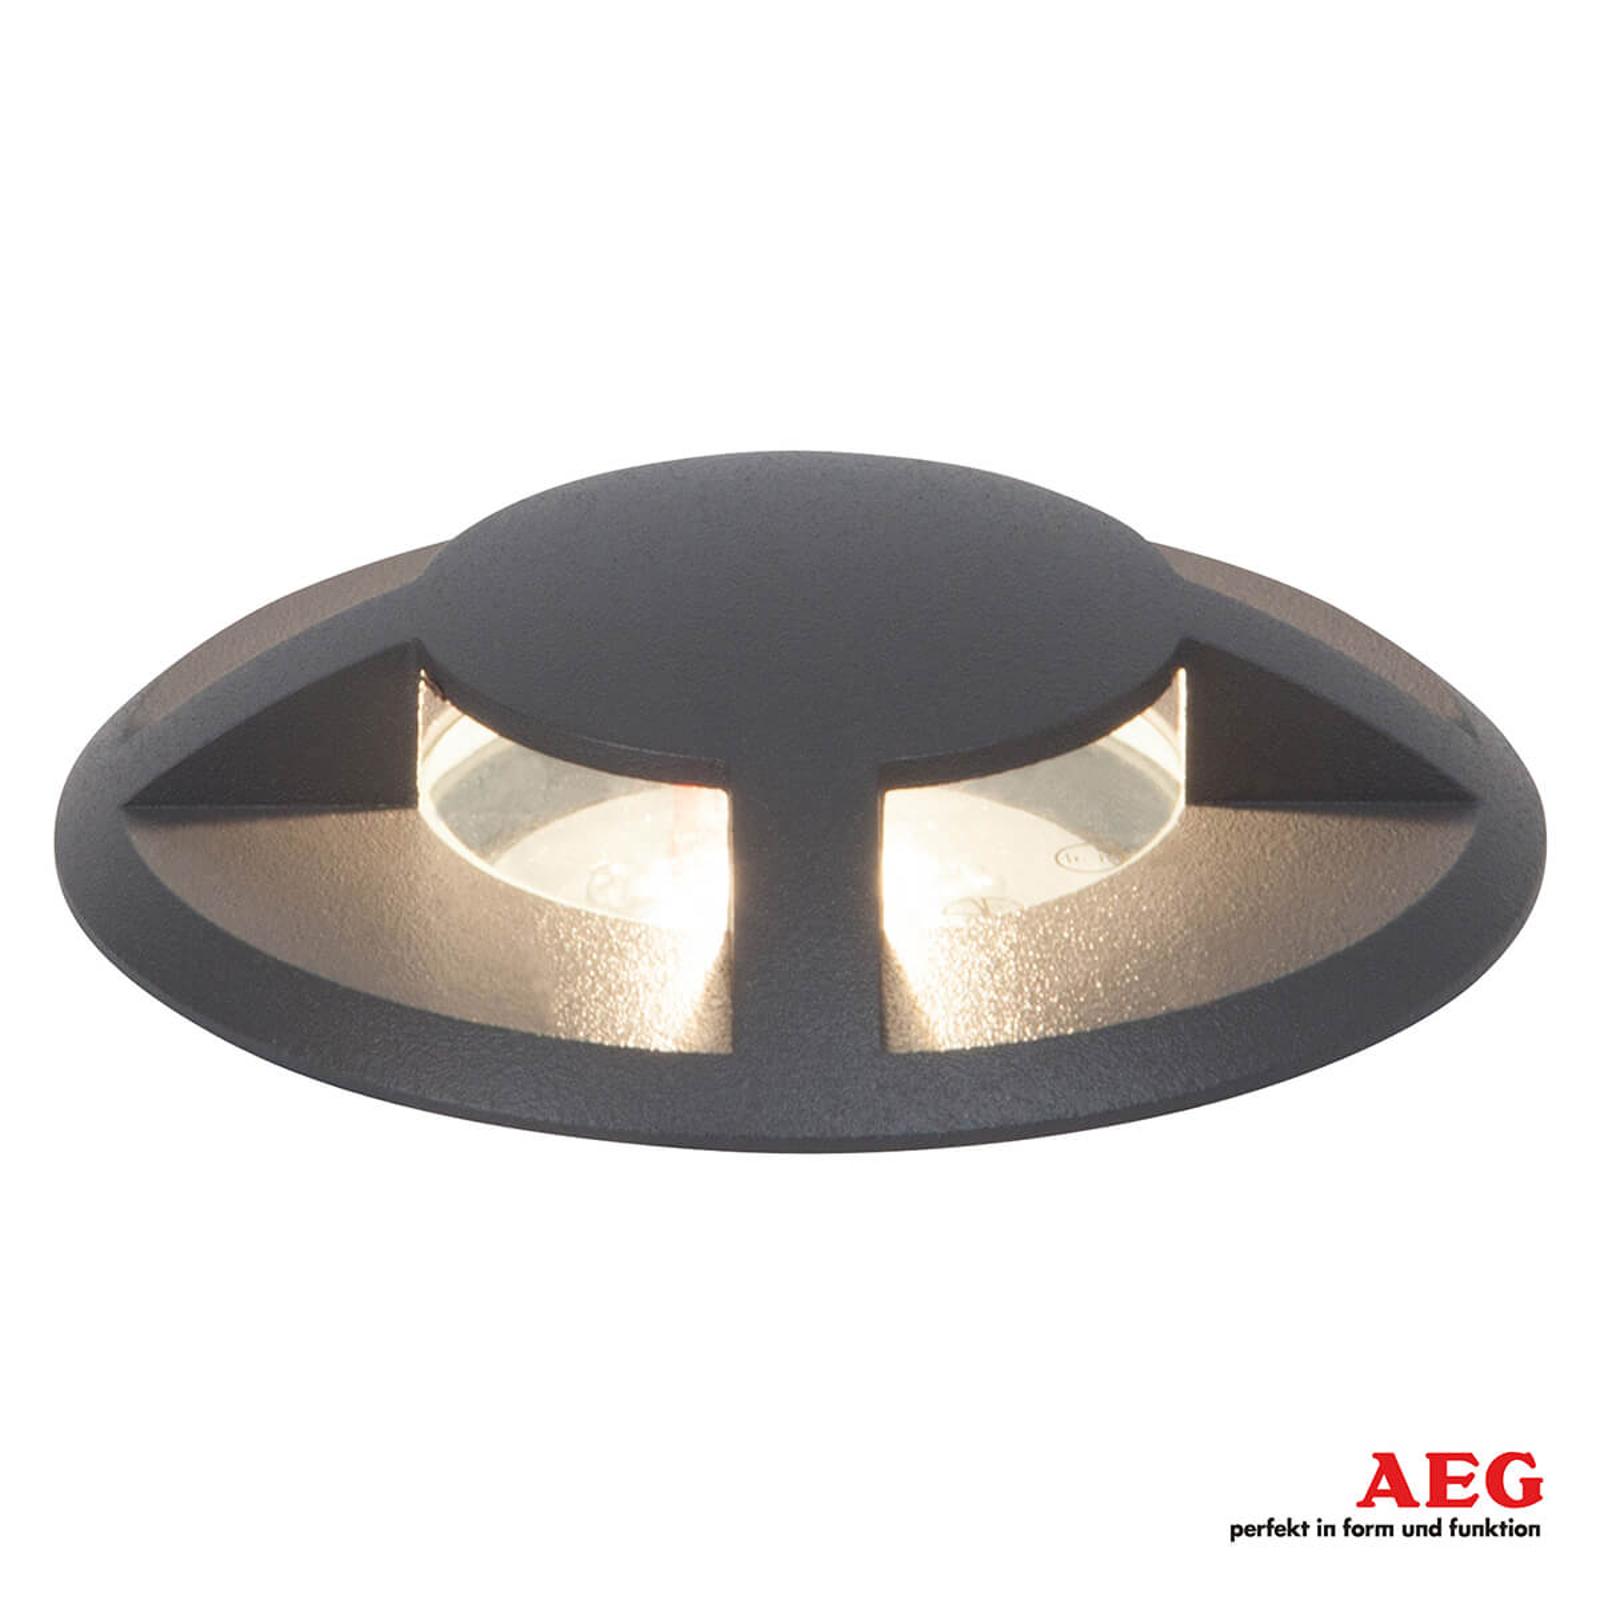 AEG Tritax - LED-maaspotti, neljälle sivulle